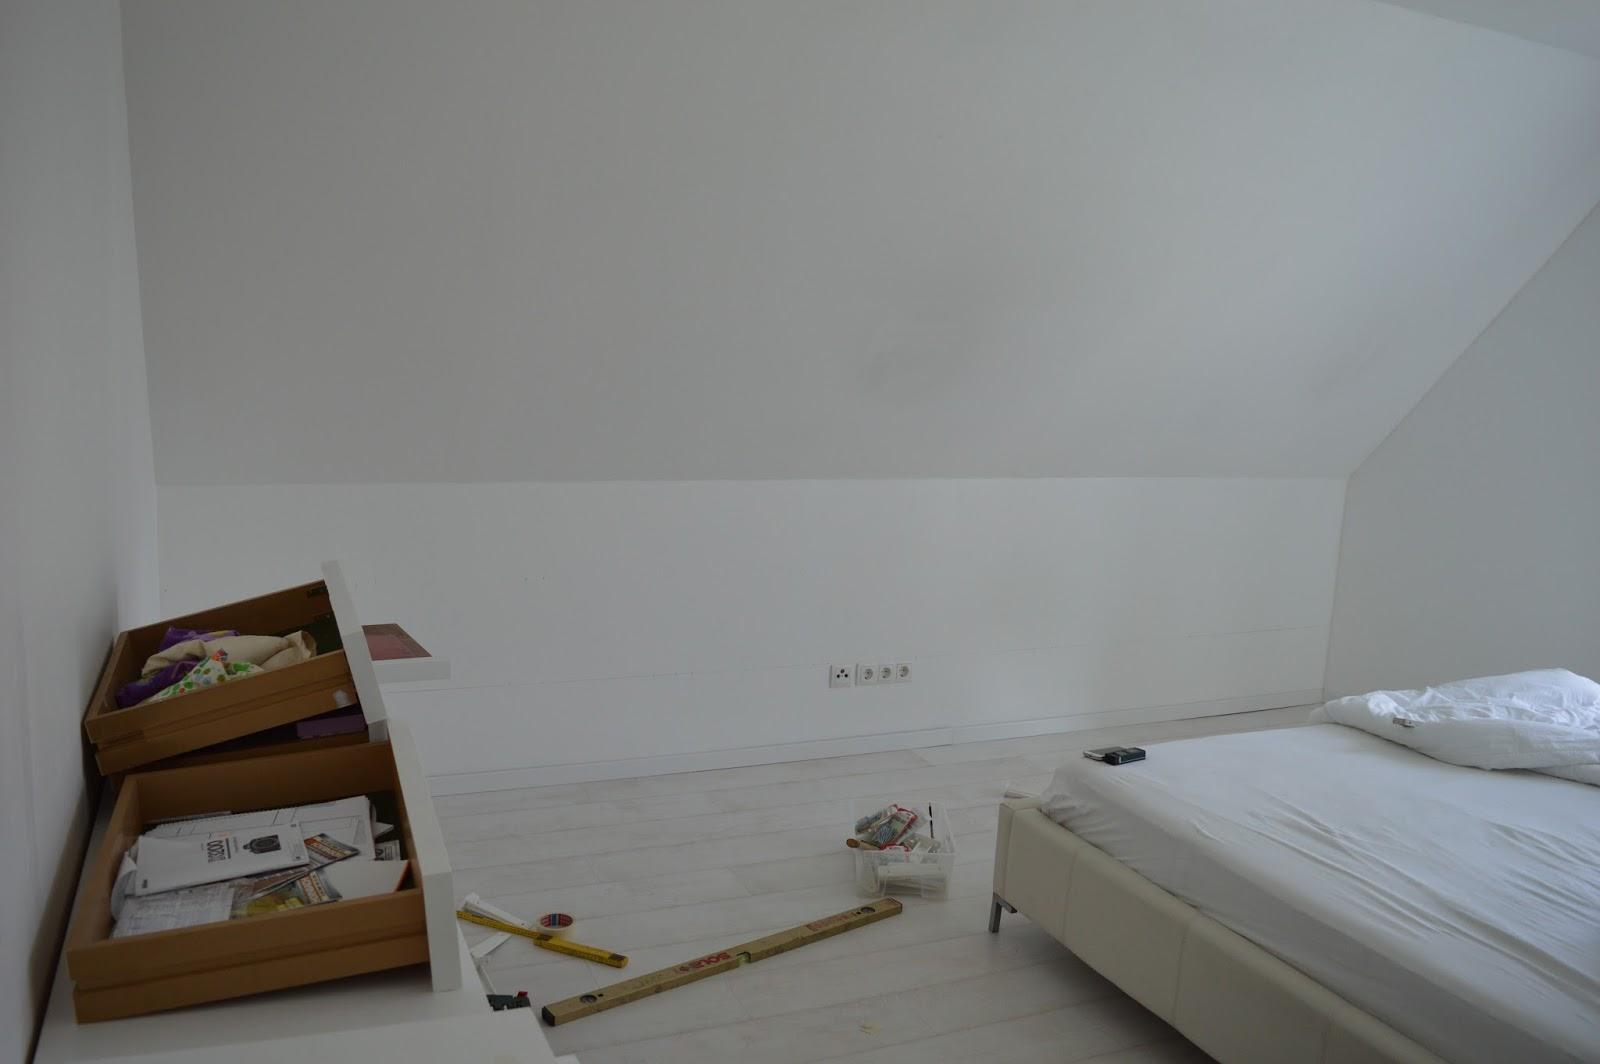 Full Size of Schlafzimmer Deko Visionen Part 3 Heim Elich Betten Wandlampe Wandregal Bad Günstige Komplett Wandbilder Wandarmatur Sessel Wandbelag Küche Stuhl Poco Wohnzimmer Deko Schlafzimmer Wand